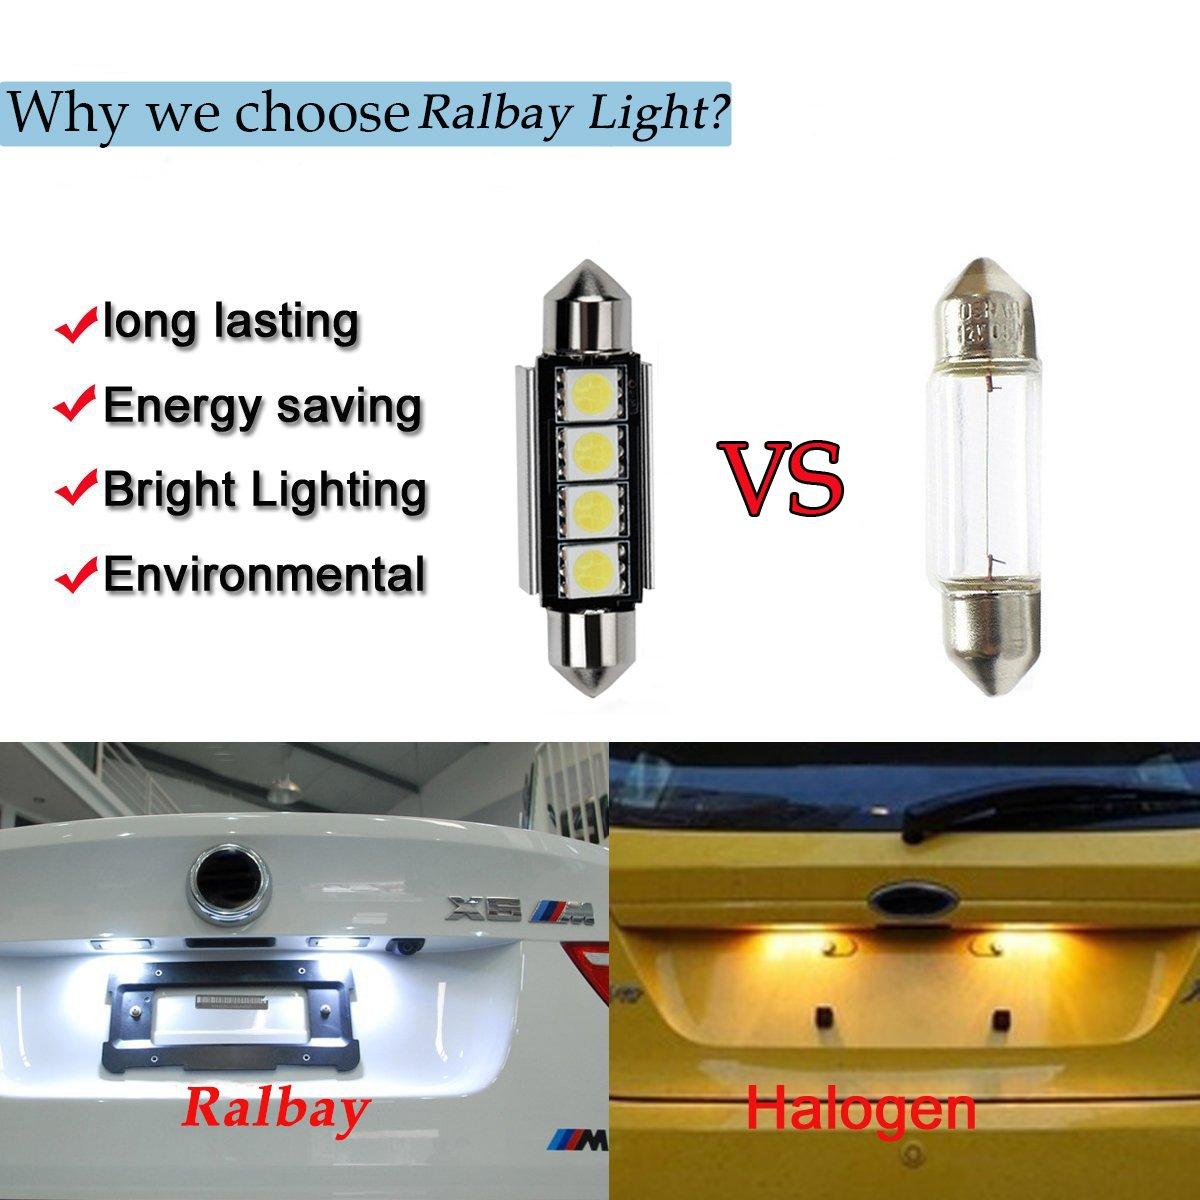 5630 6SMD W5W 194 168 2825 Feux de position Plaque Lampe Lecture Auto Voiture Int/érieur Blanc Lot de 6 Ralbay T10 LED Ampoules CANBUS Sans Erreur Voiture Lampe 12V